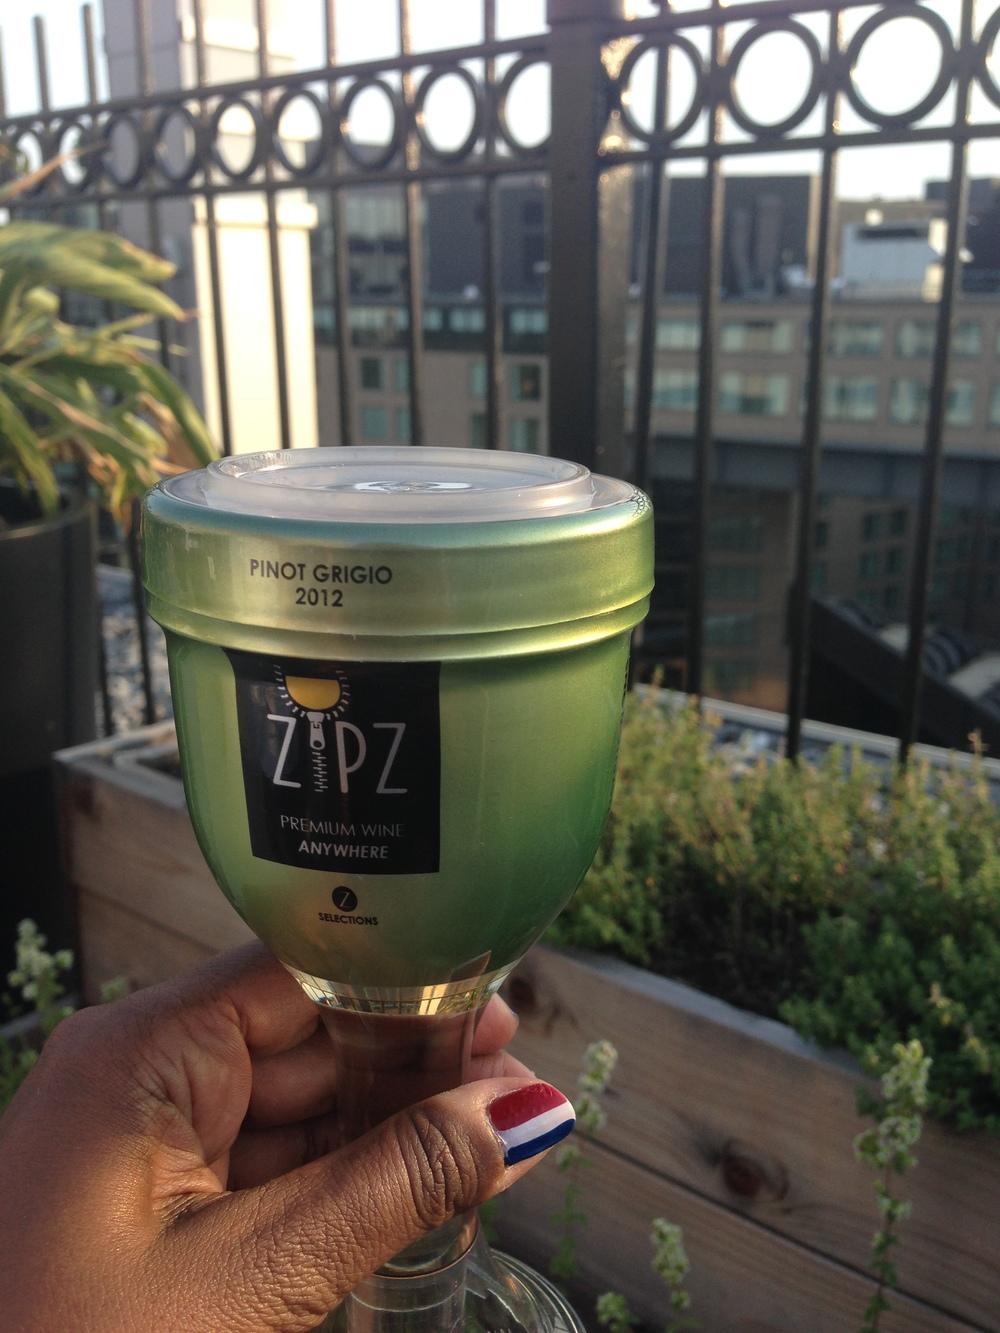 Zipz Wine - Pinot Grigio